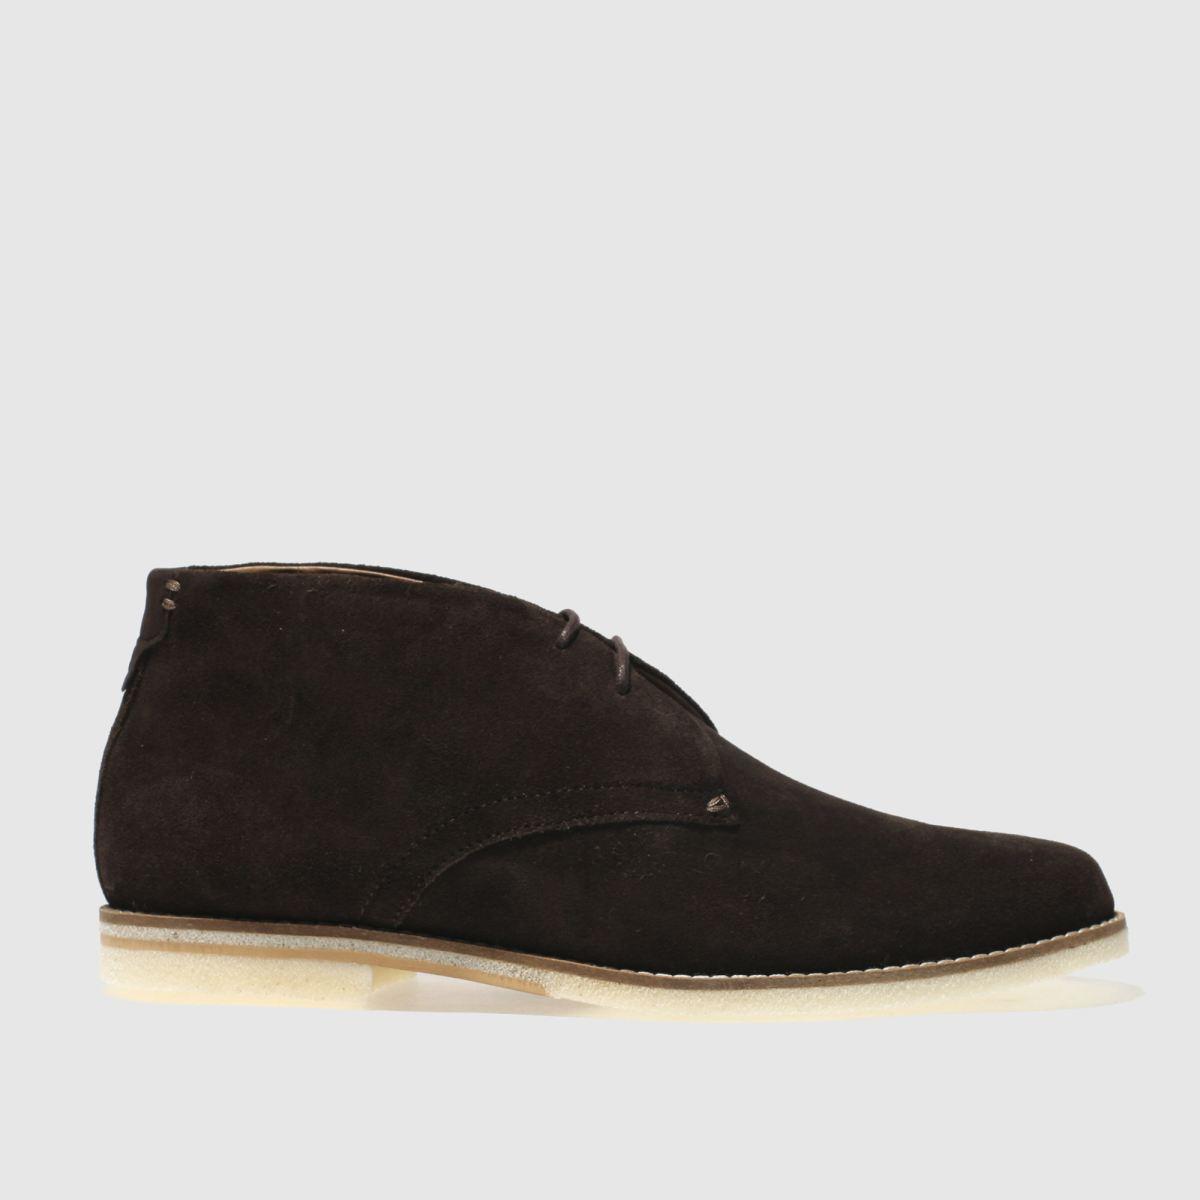 H by Hudson H By Hudson Brown Aldershot Boots